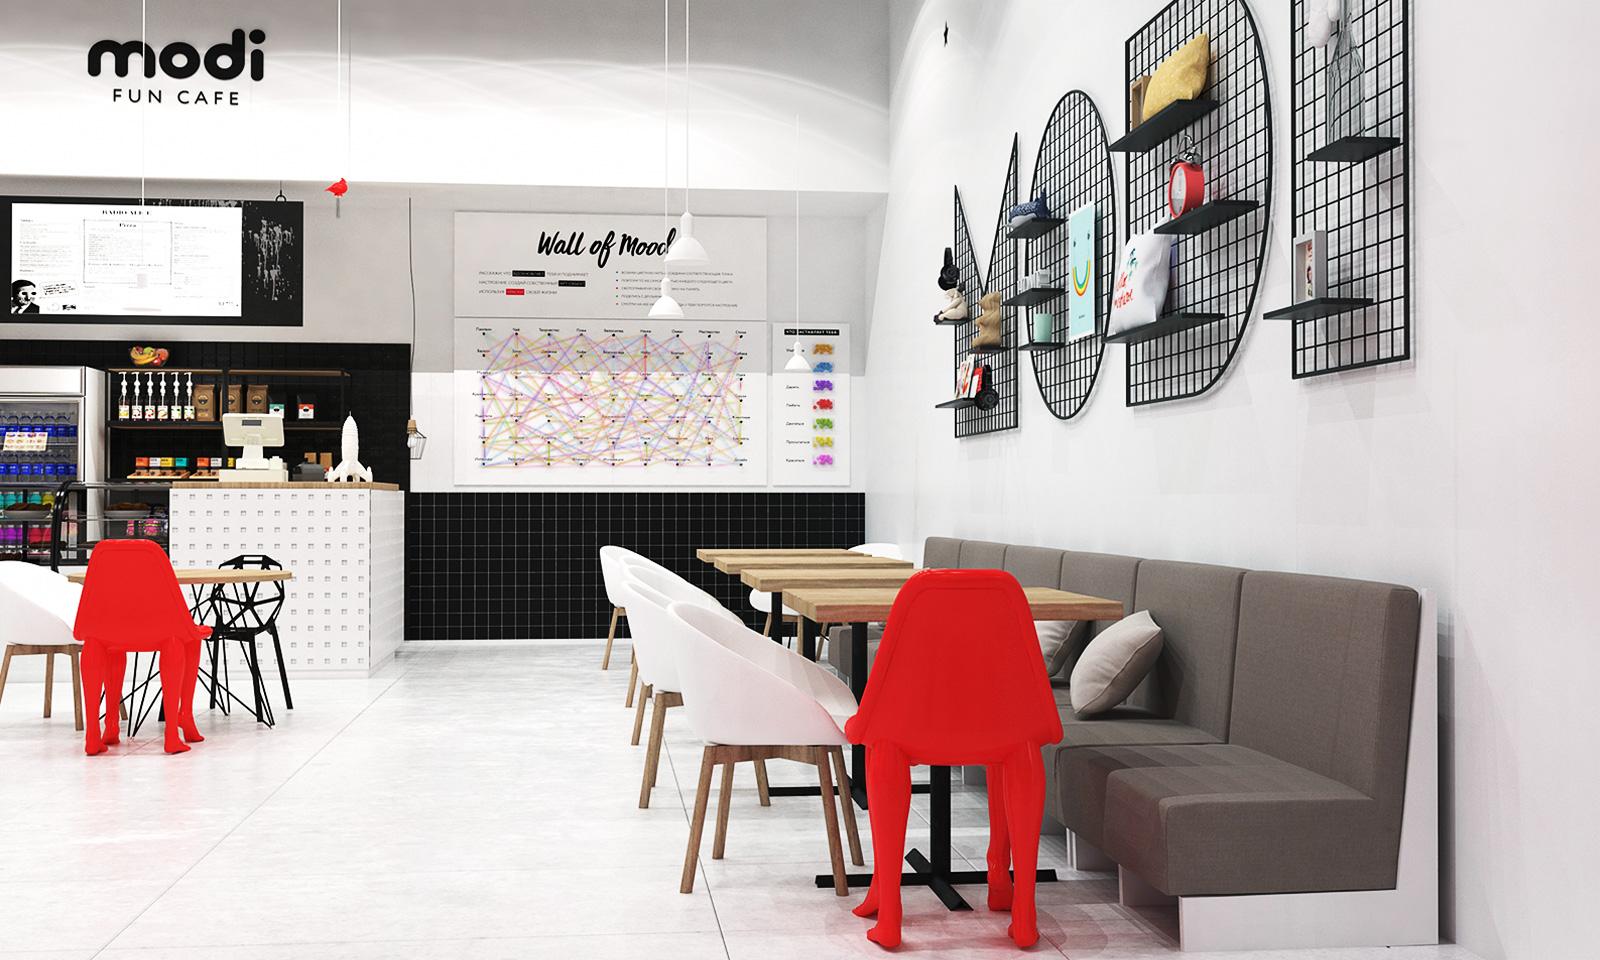 Дизайн интерьера кафе Modi, прежде всего, рассчитан на приятное и комфортное времяпрепровождение в компании друзей или в одиночестве